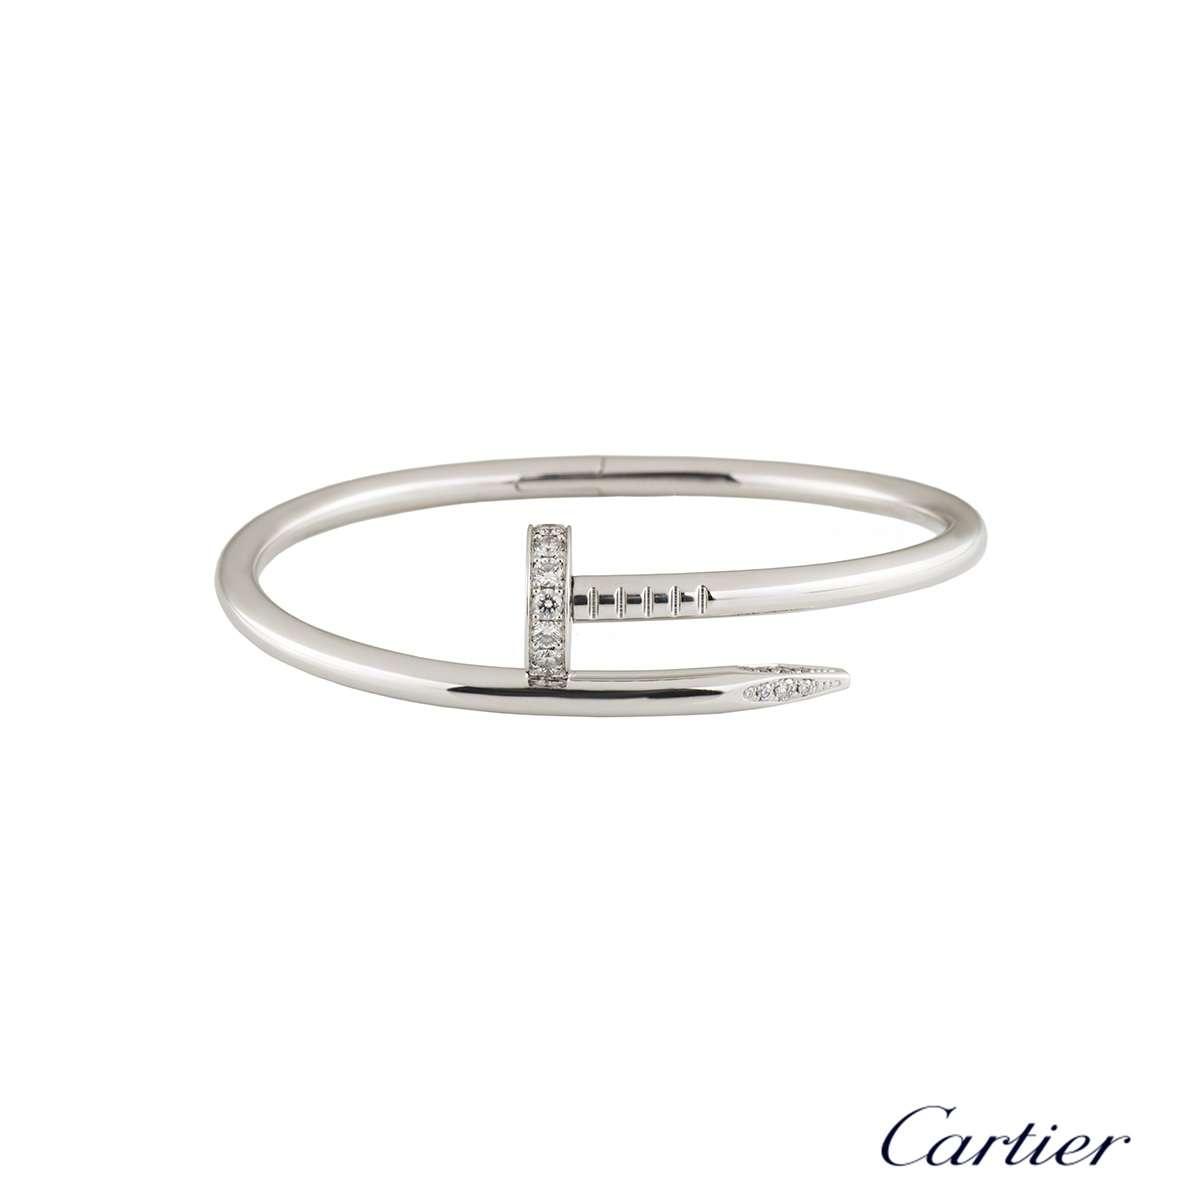 Cartier White Gold Diamond Juste Un Clou Bracelet Size 18 B6037918